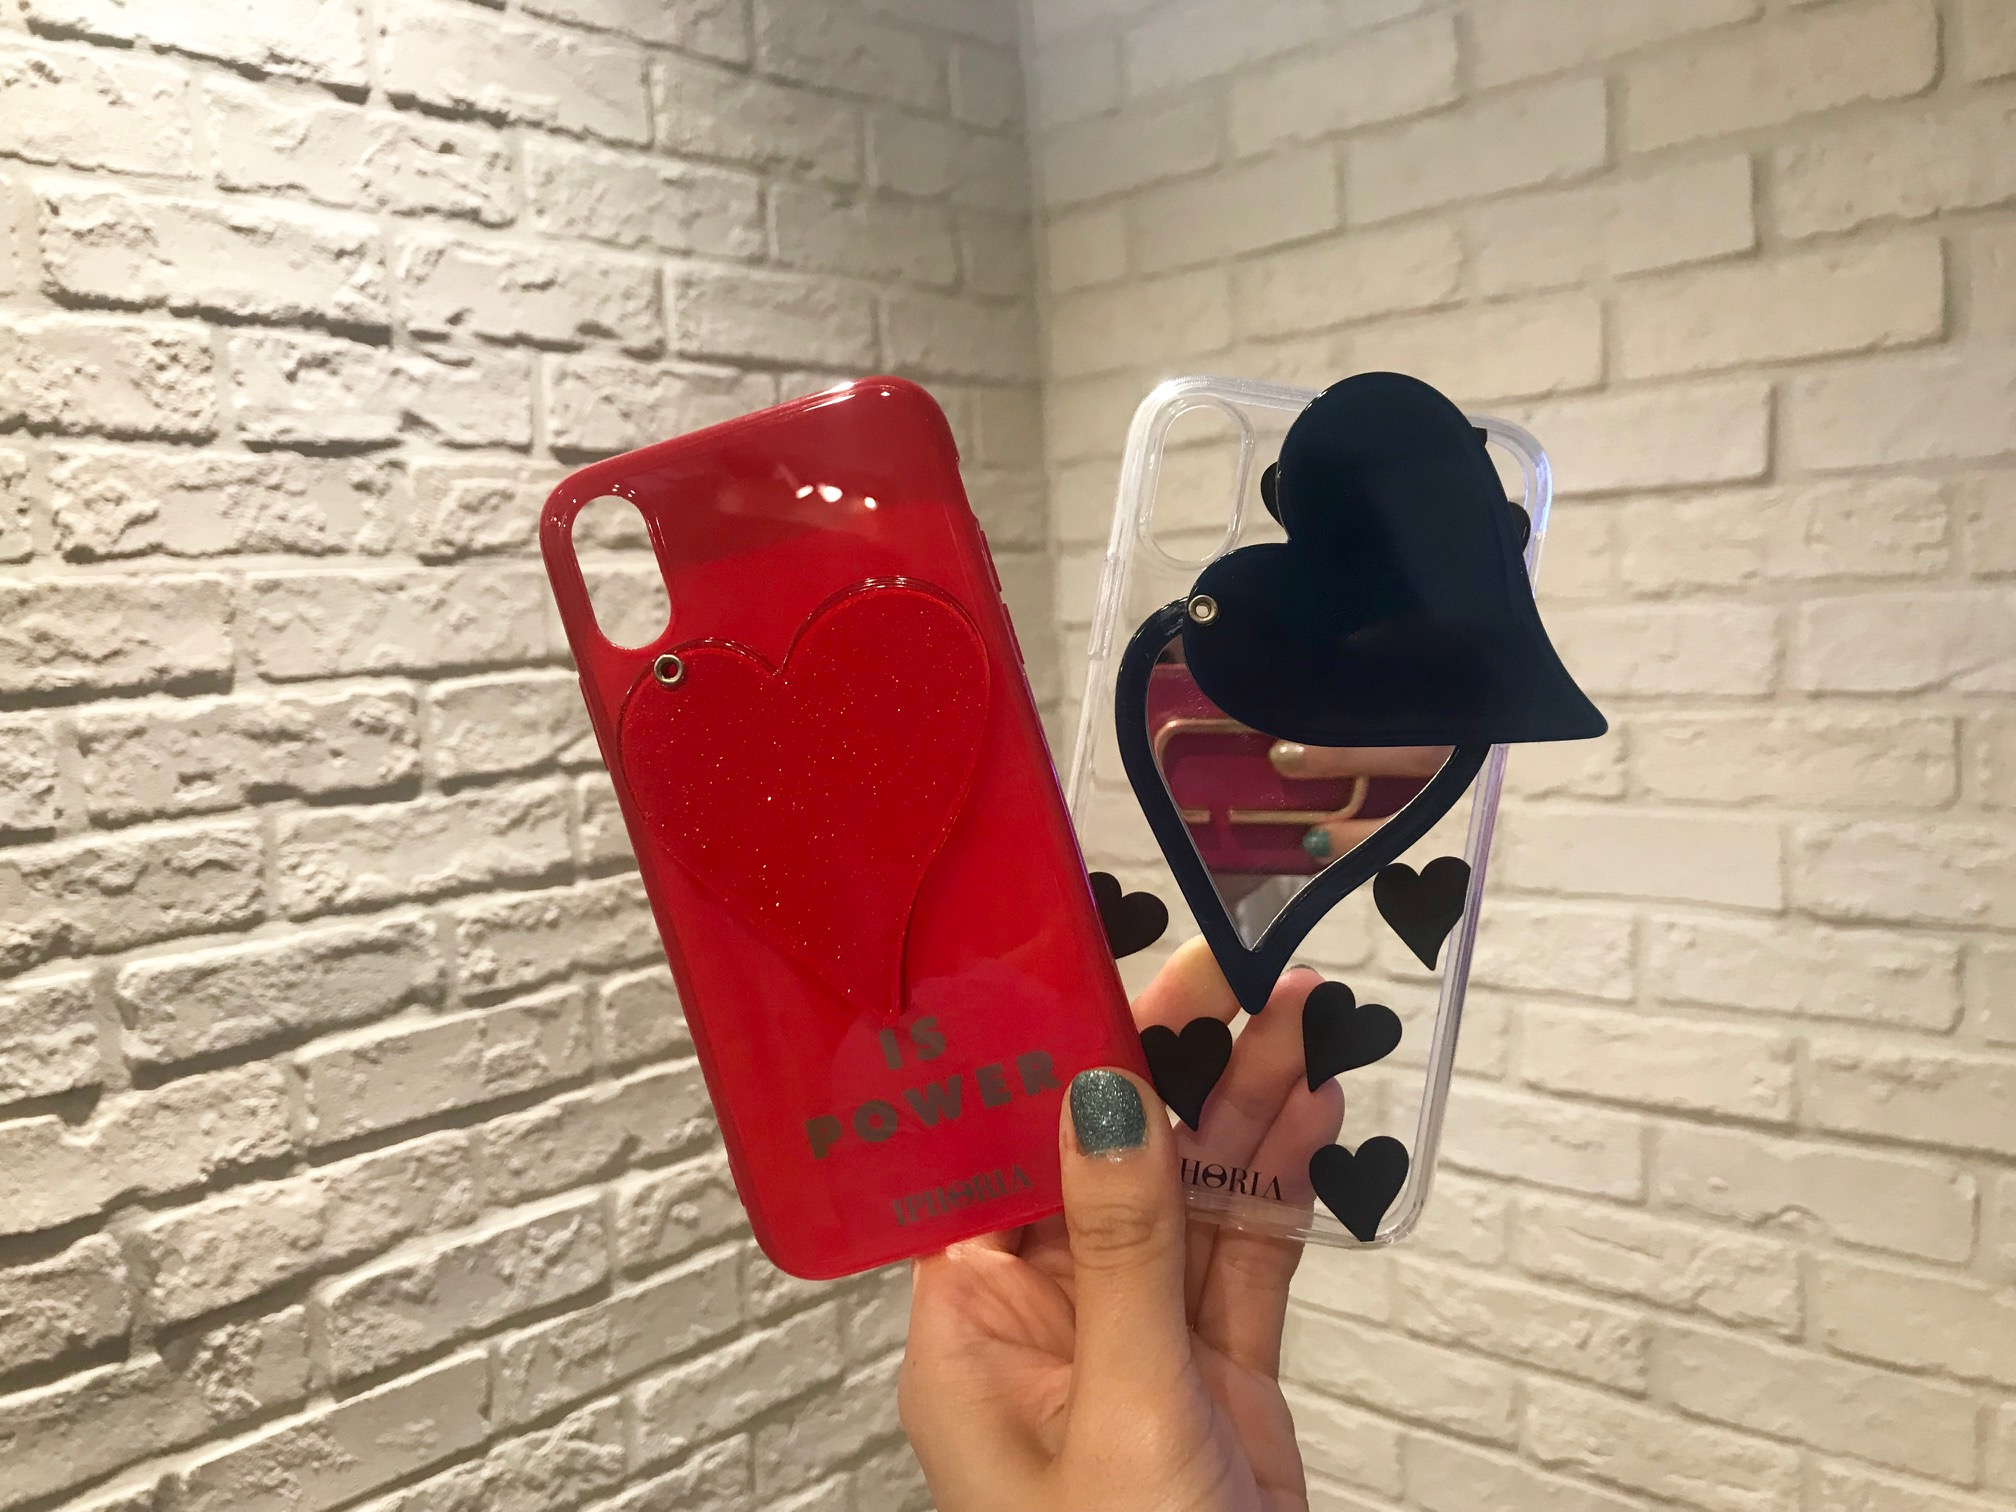 おしゃれ・かわいい・便利な最新iPhoneケース! 『IPHORIA』のおすすめ新作デザイン_1